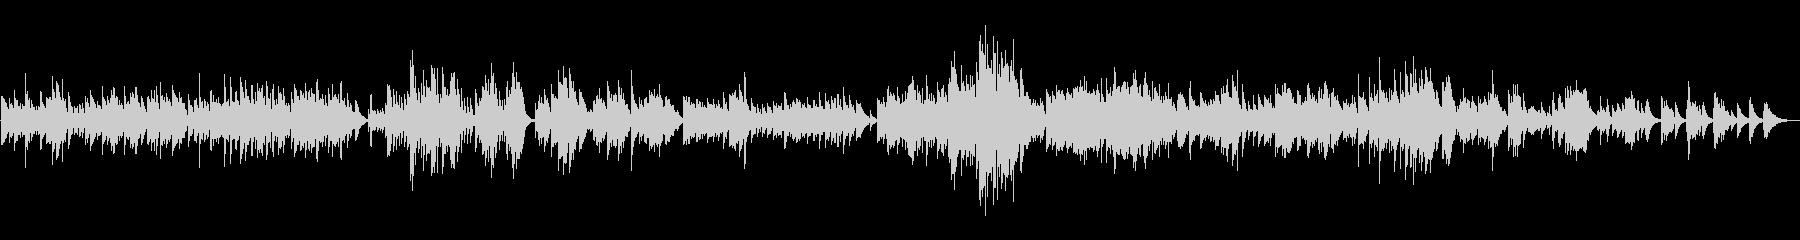 メロディの美しいハープソロ『悲愴ソナタ』の未再生の波形